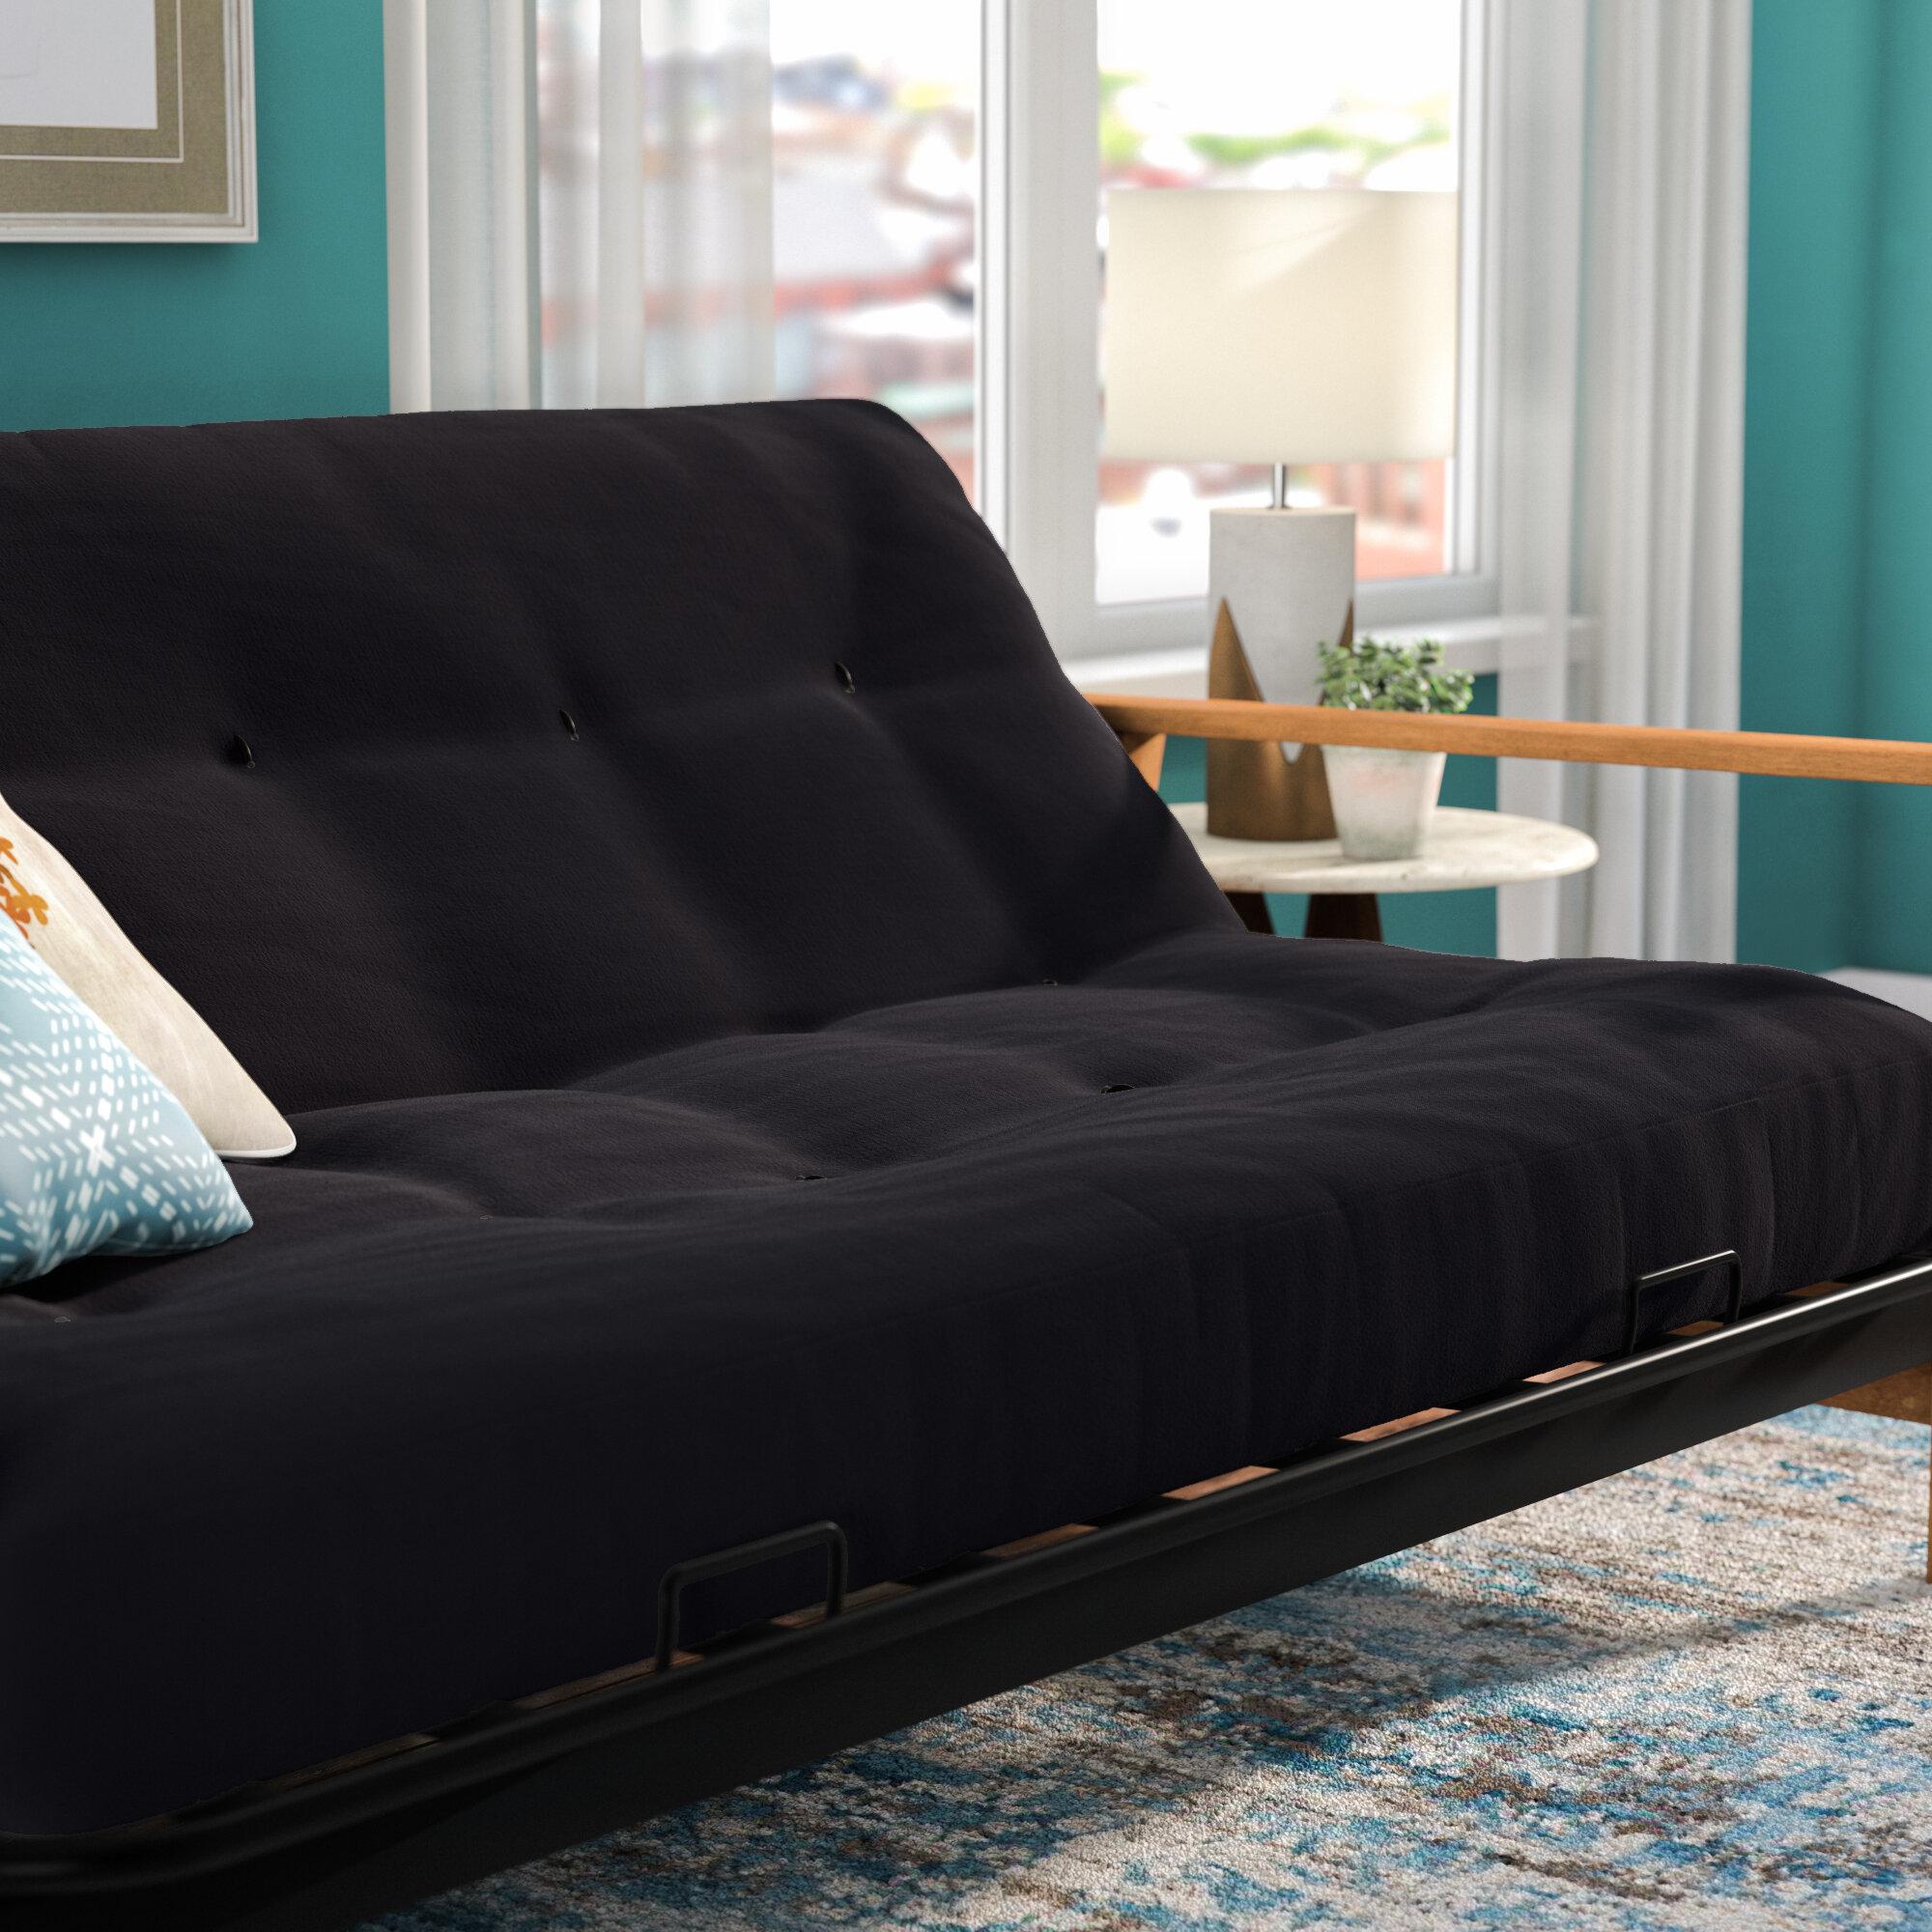 alwyn home vitality 6   full size solid futon mattress  u0026 reviews   wayfair alwyn home vitality 6   full size solid futon mattress  u0026 reviews      rh   wayfair